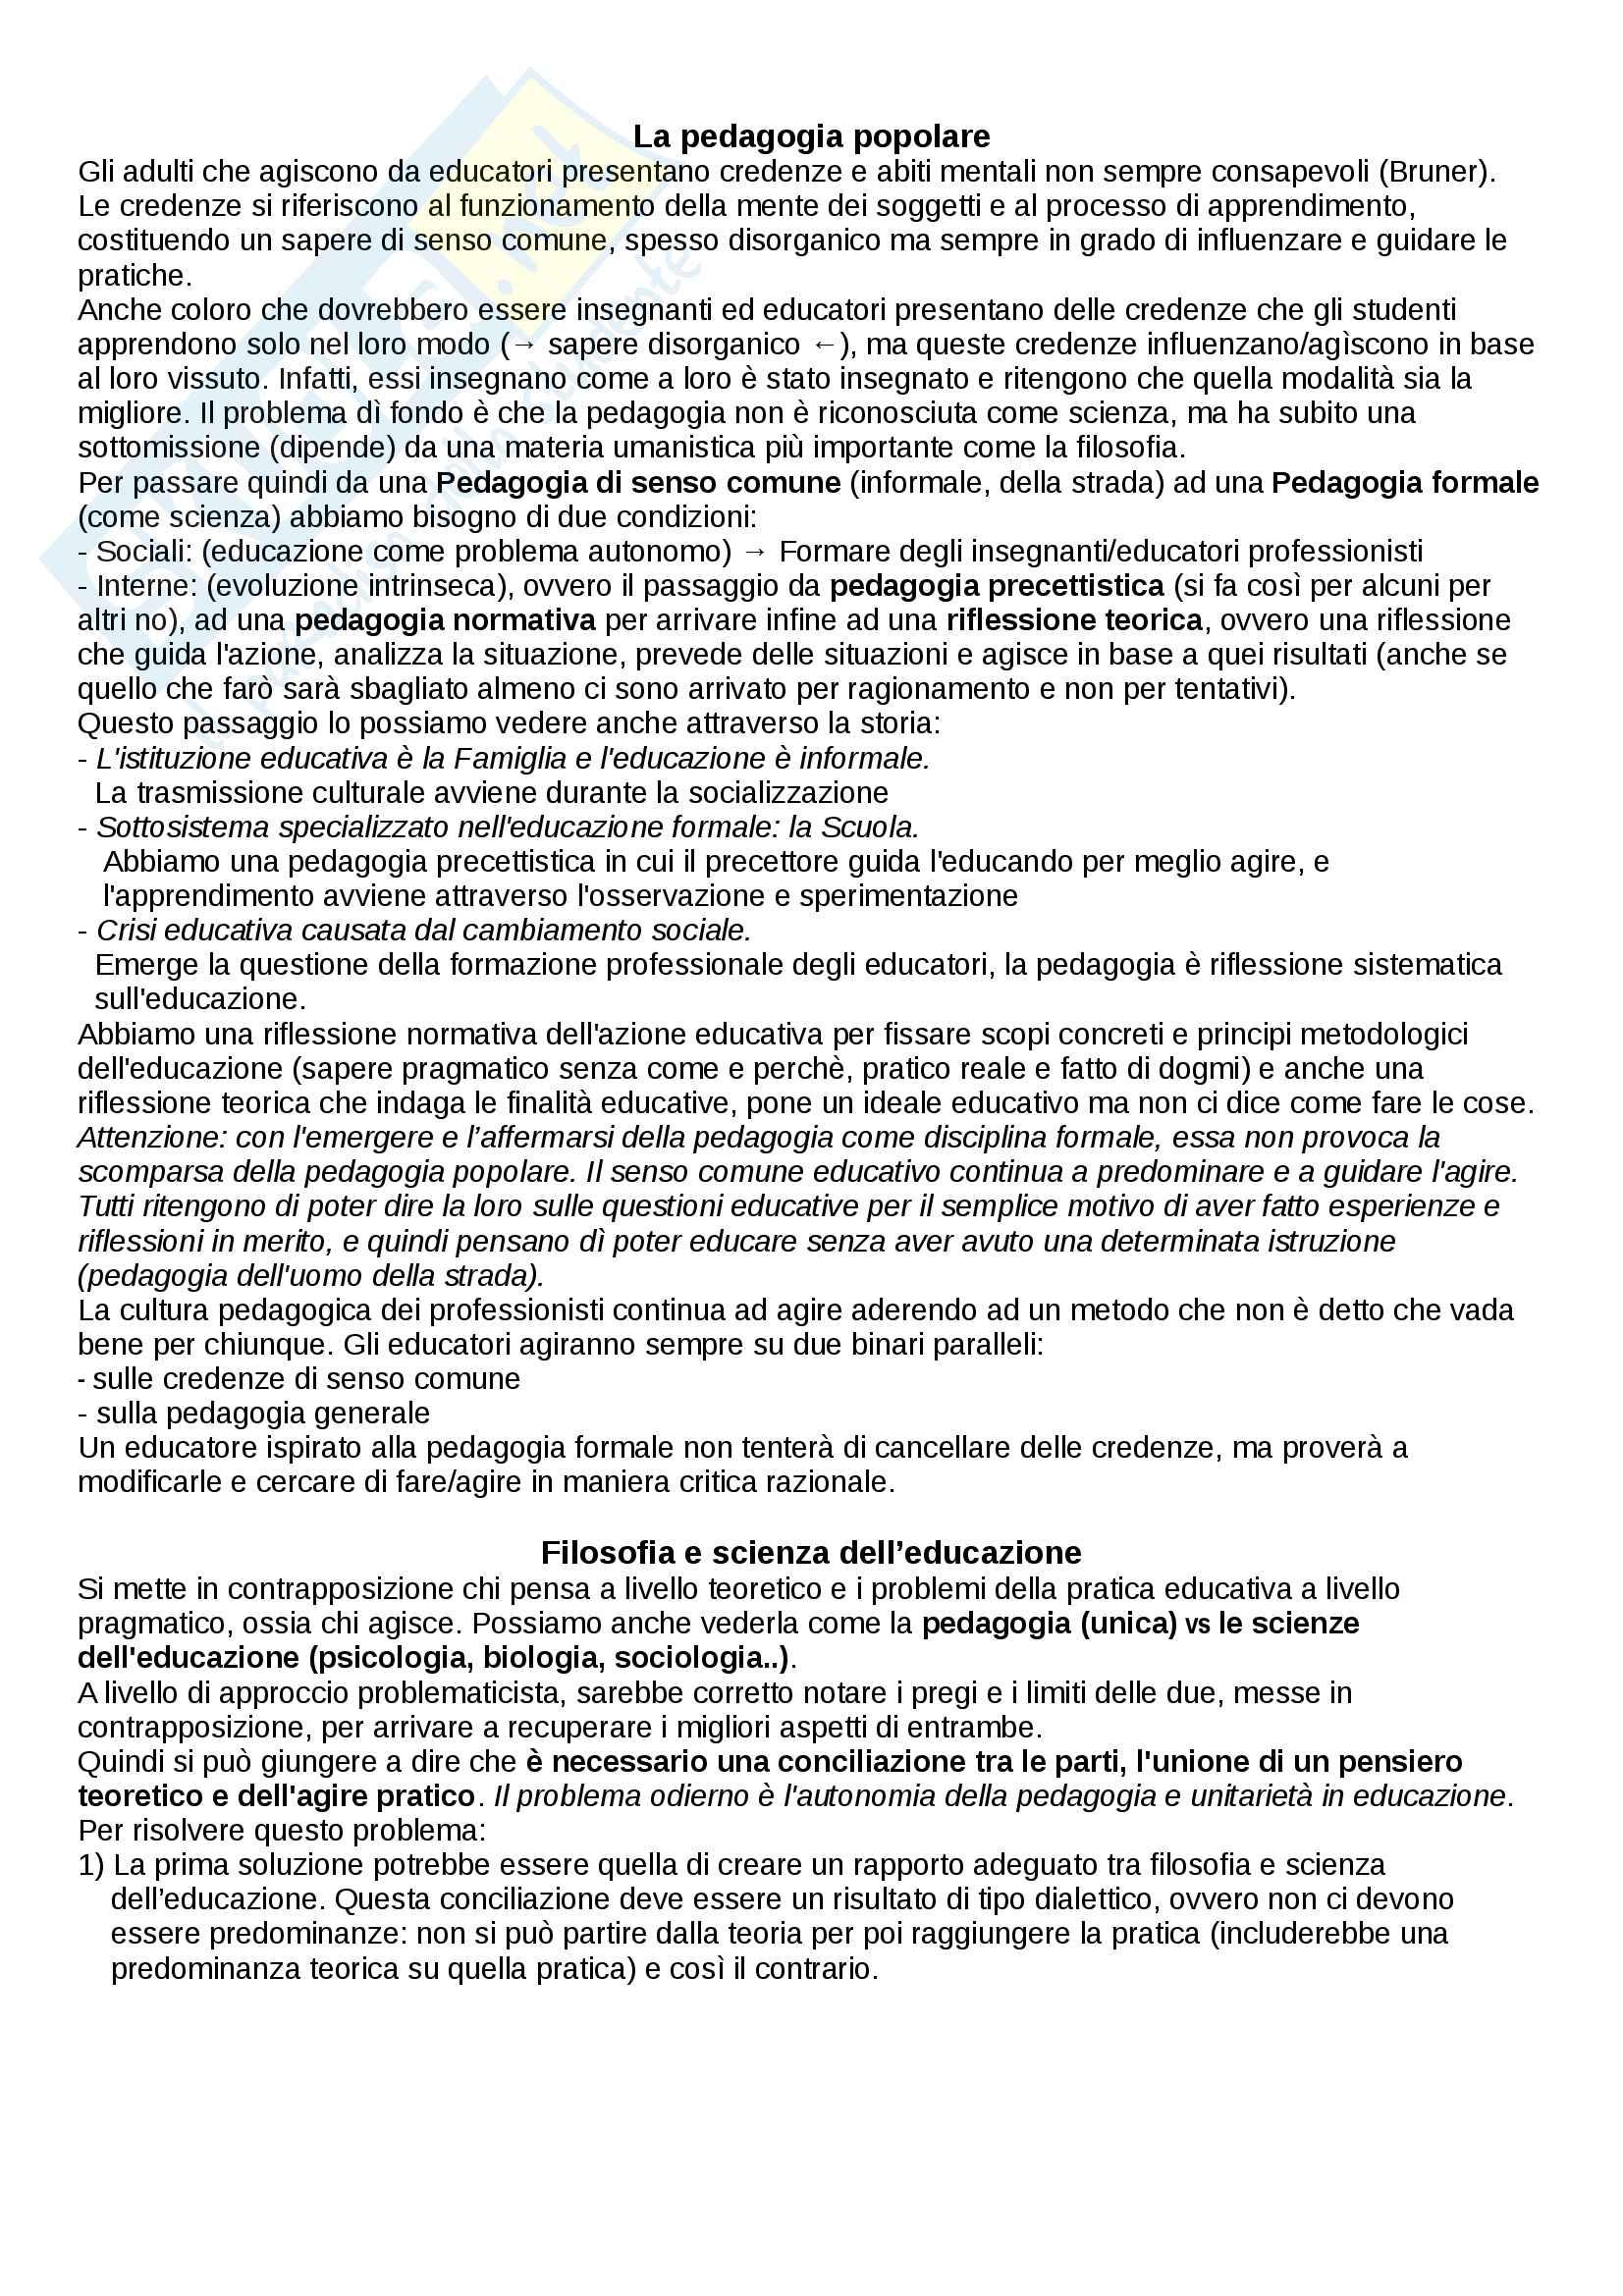 Pedagogia Generale Pag. 2